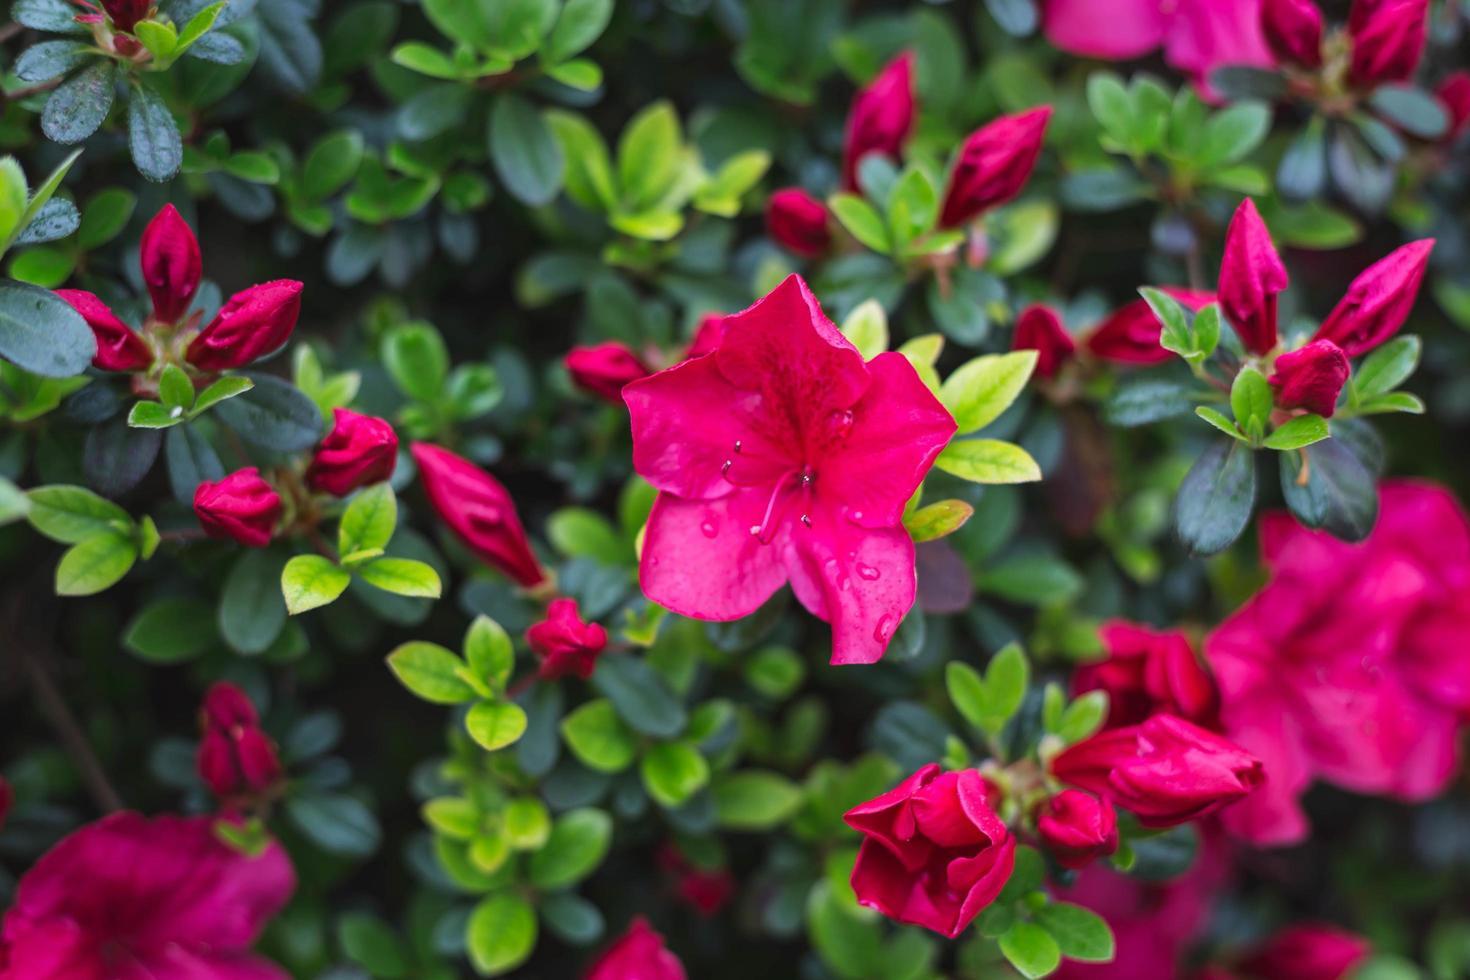 primo piano di un fiore rosso che sboccia foto